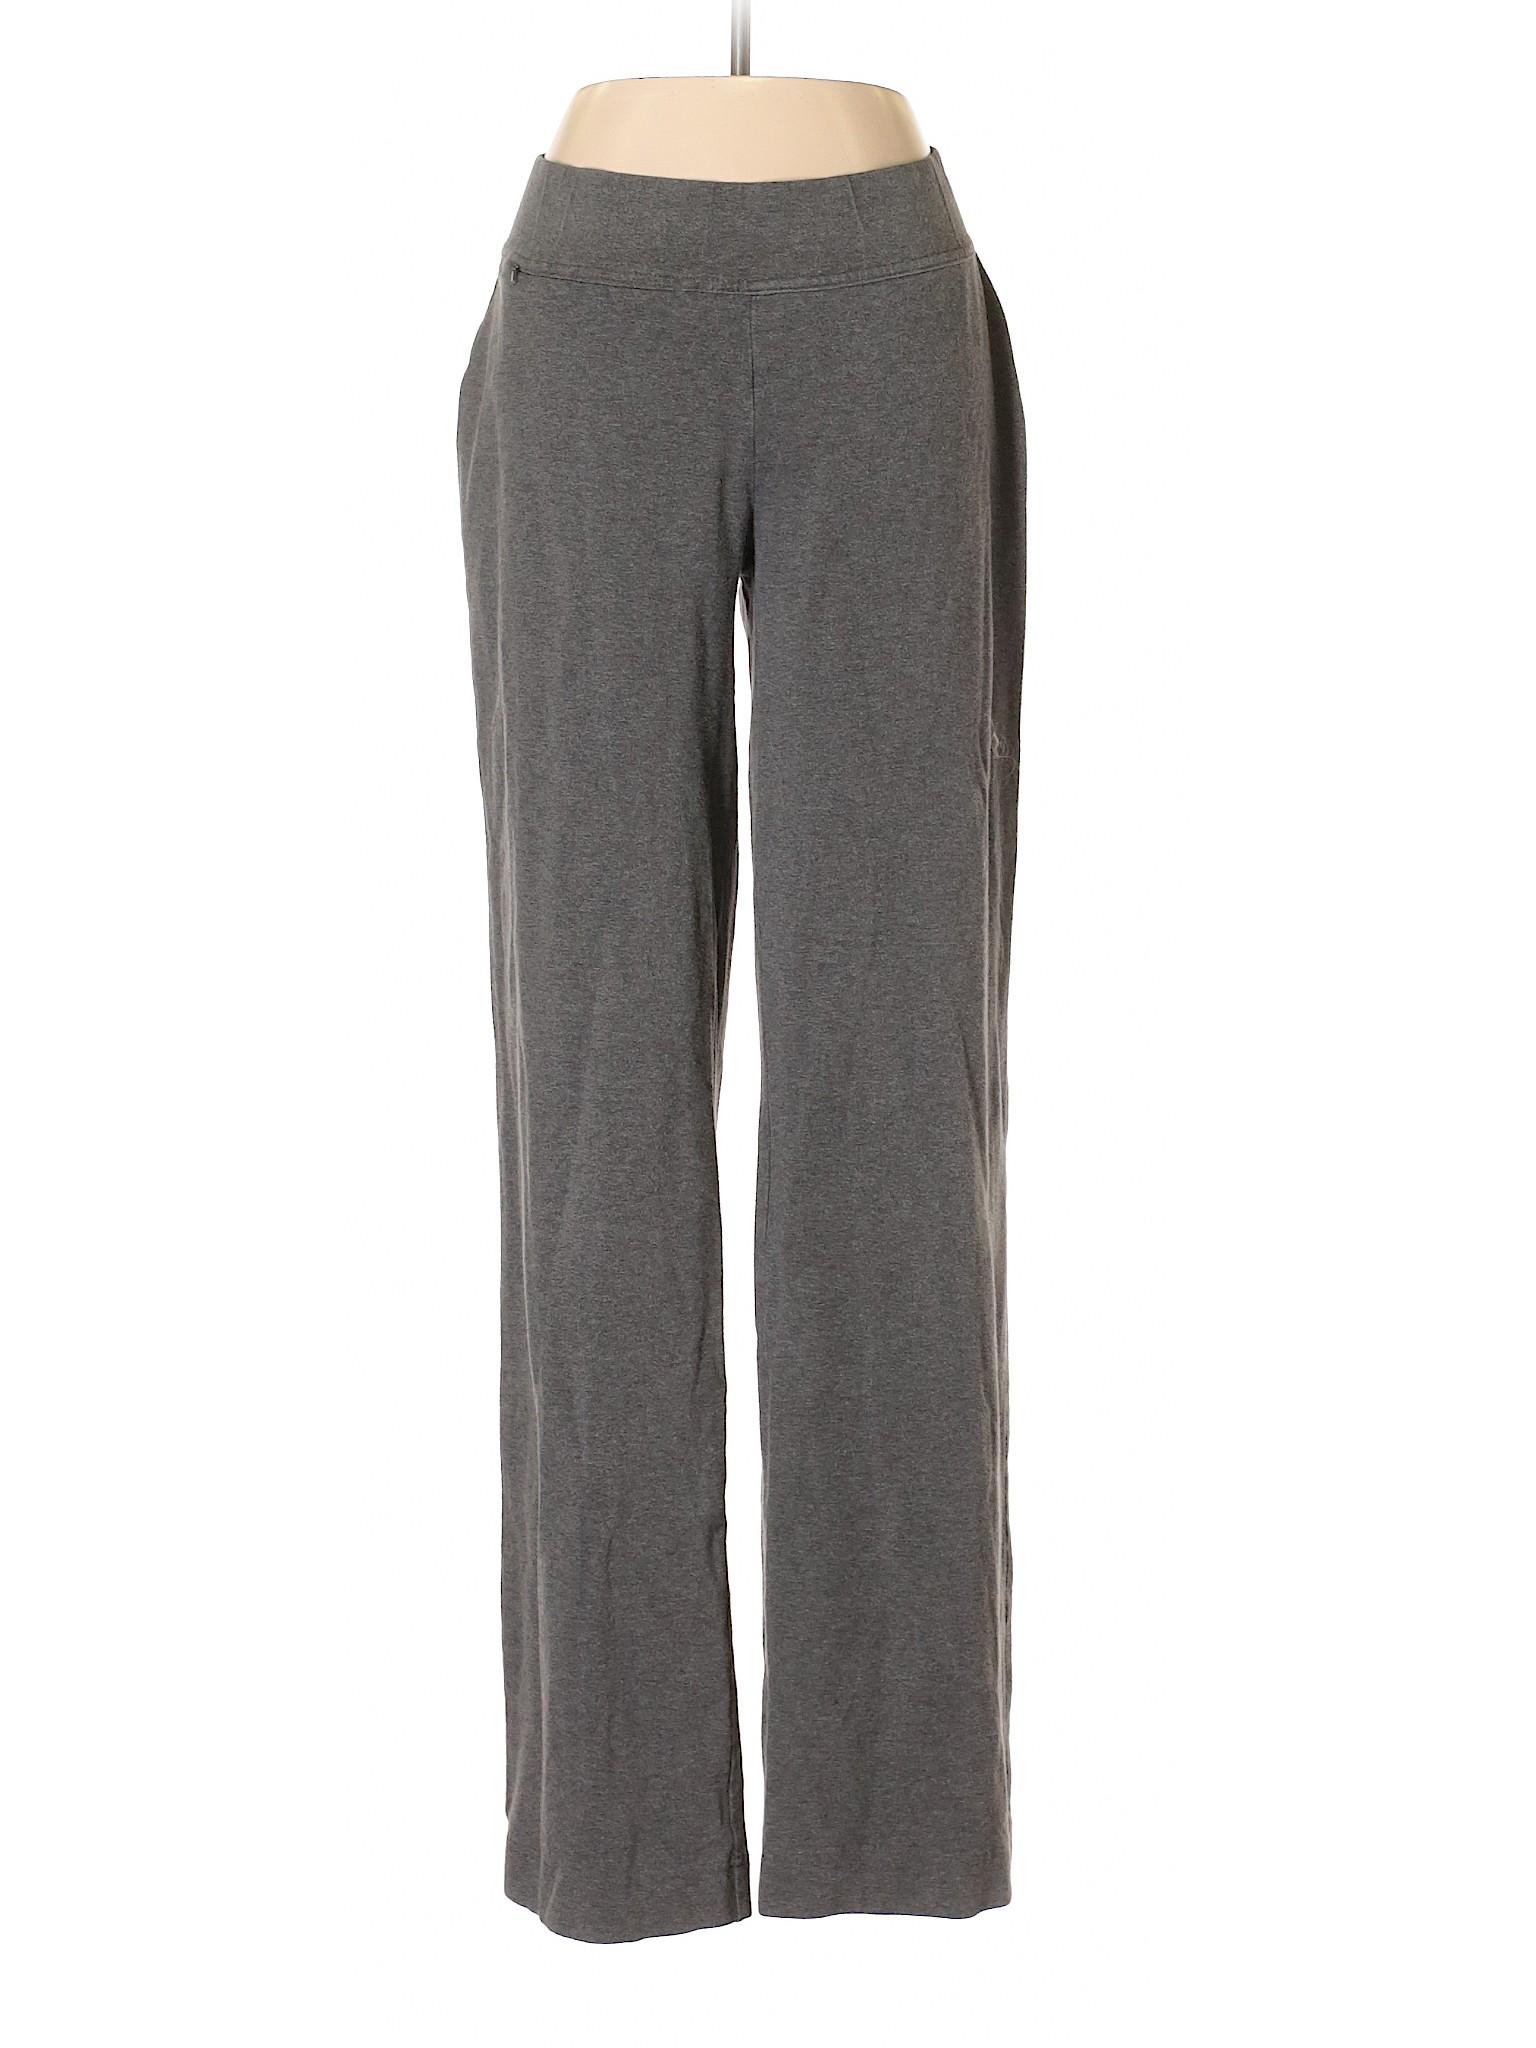 Boutique Lands' winter End Boutique Sweatpants winter 0pxtd0